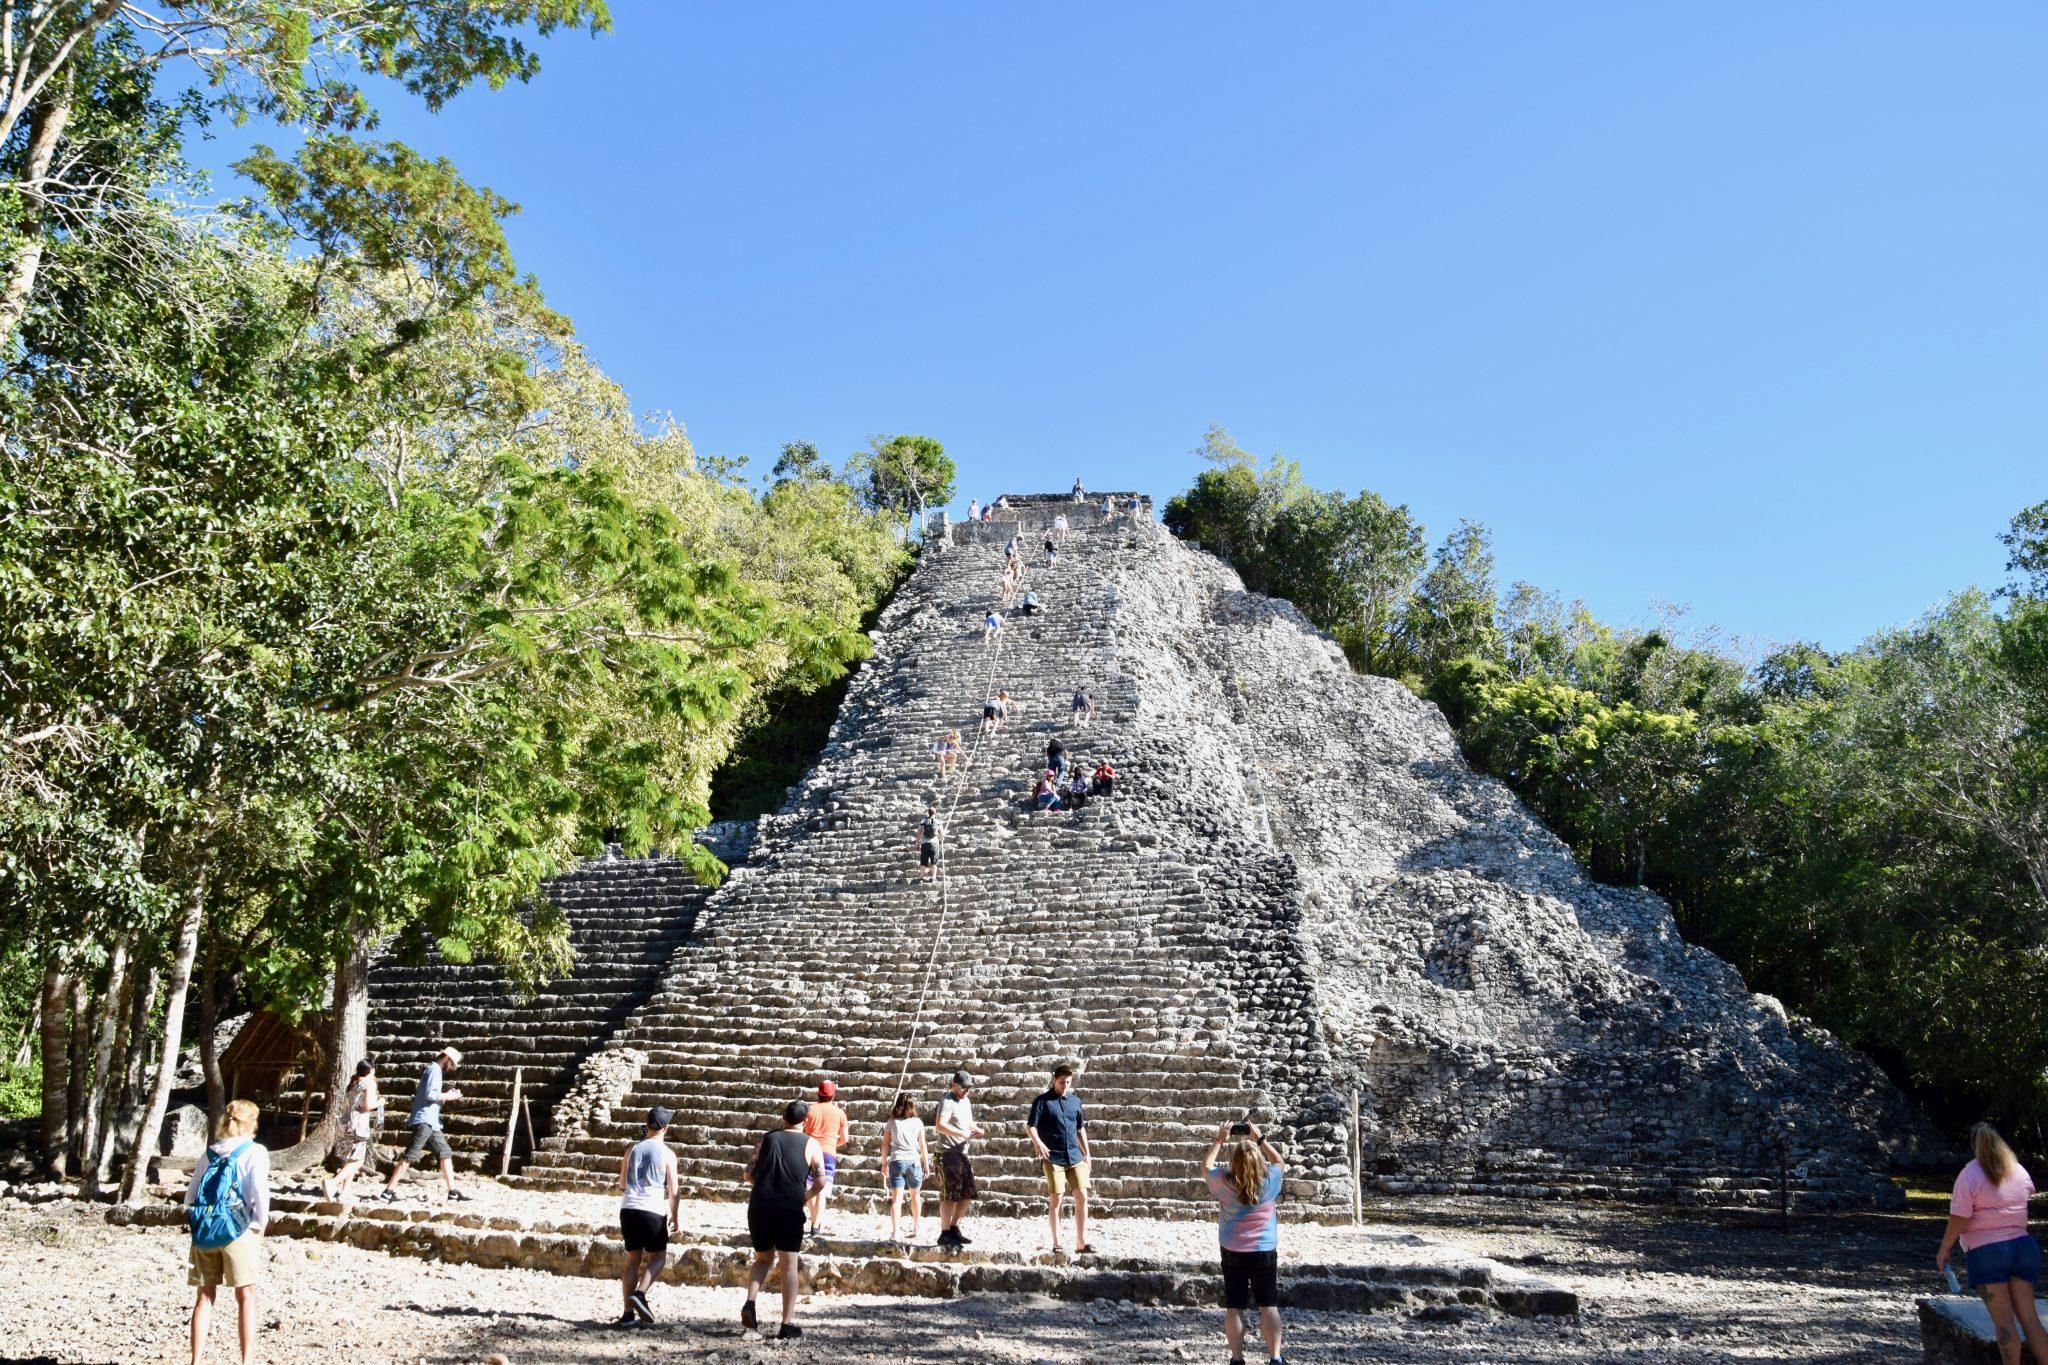 Nohoch Mol Pyramid at Coba